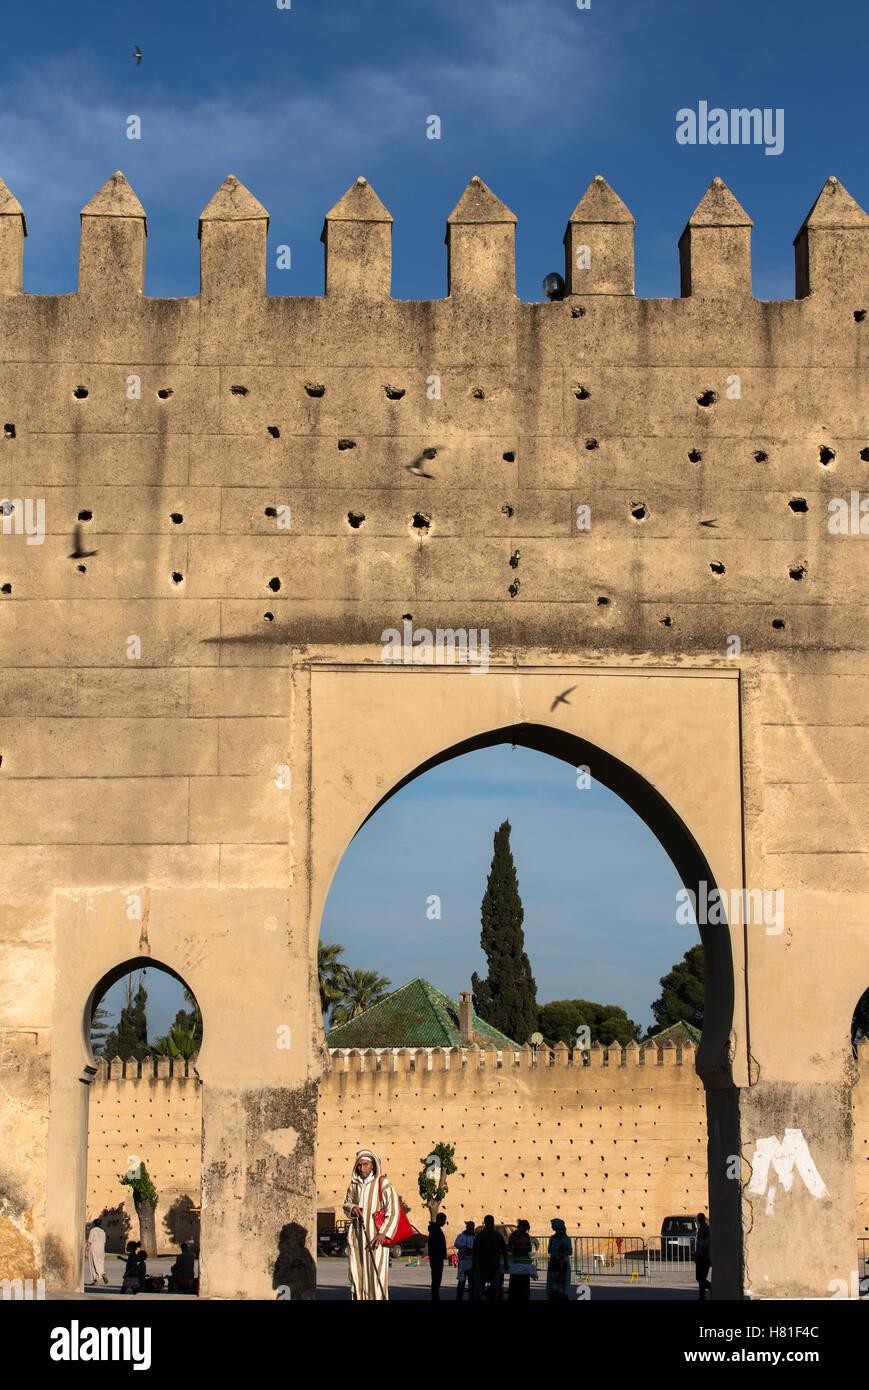 Le Maroc, Fès, murs de la mechouar entourant la ville Photo Stock